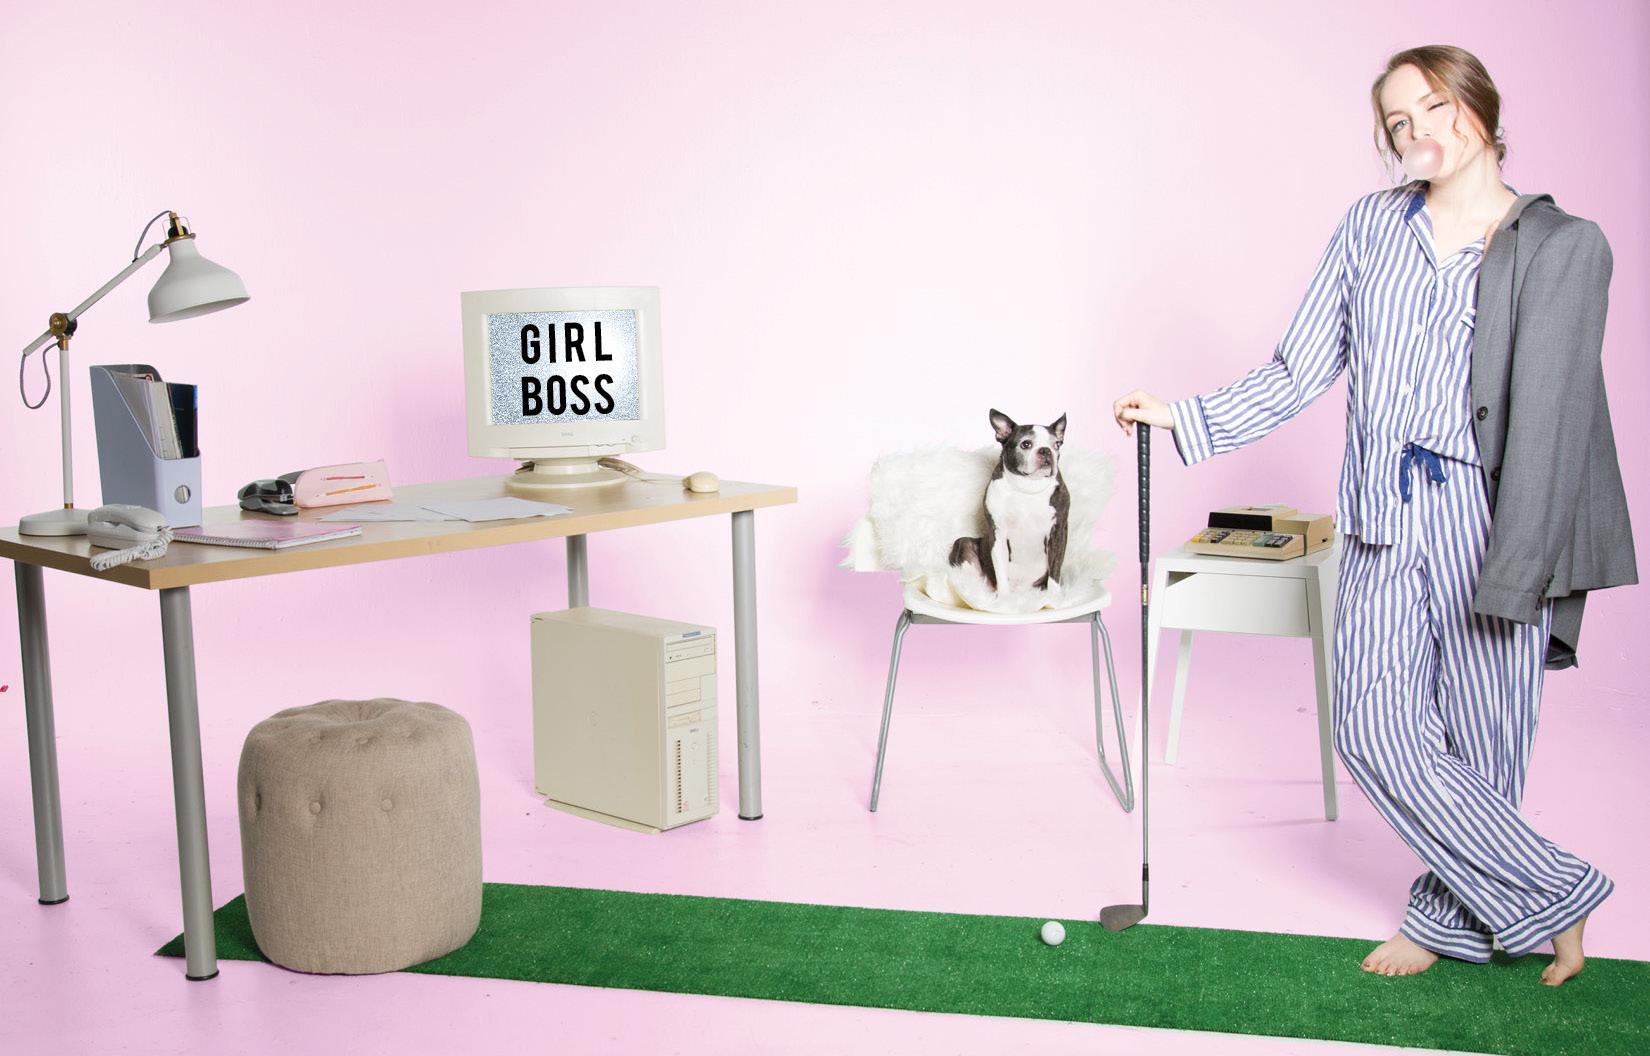 Girl Boss.jpg